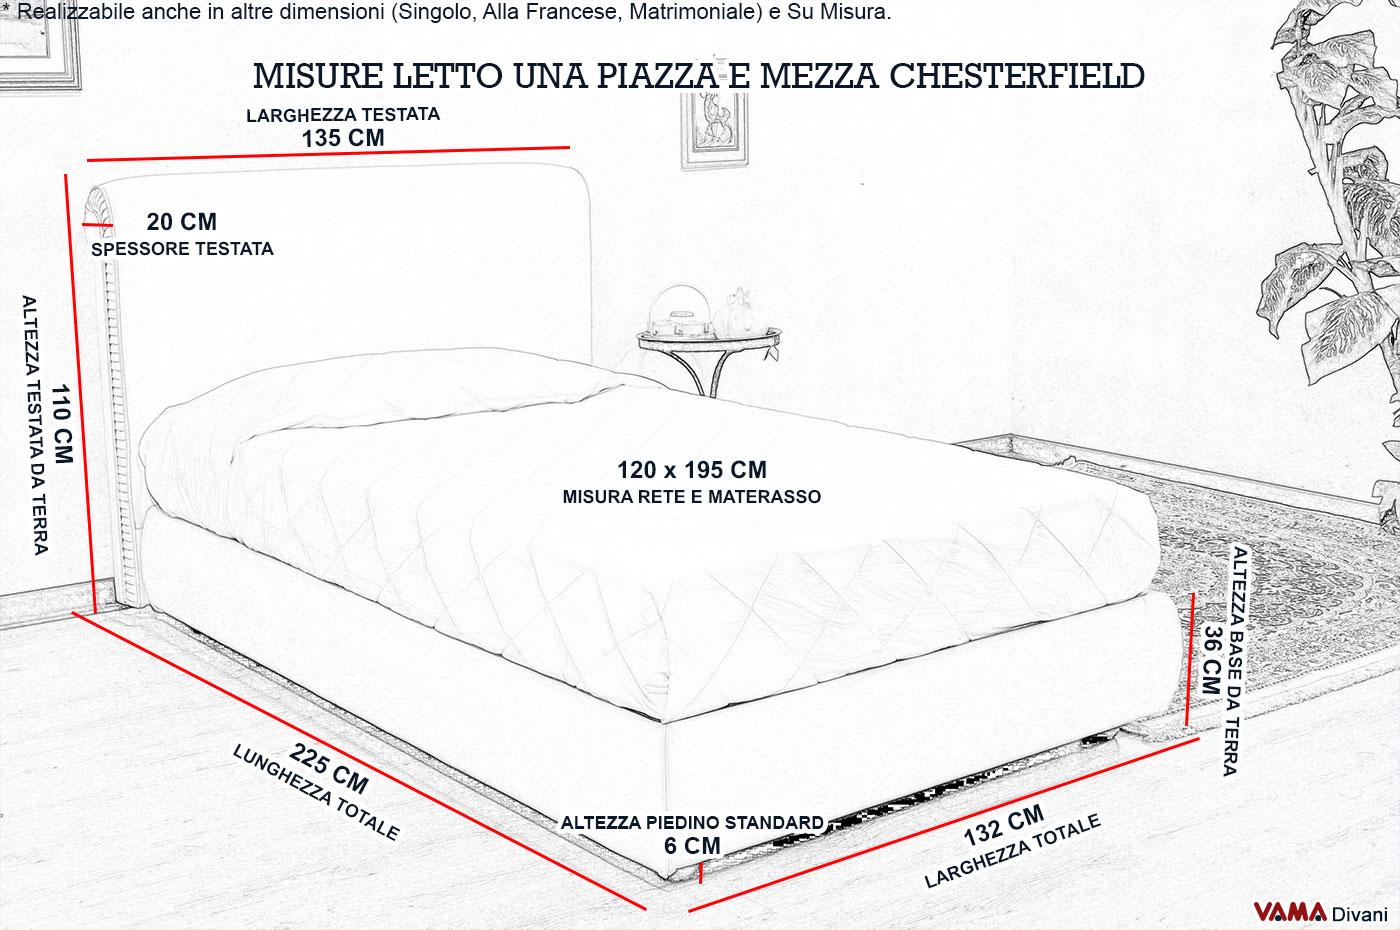 Best Misura Letto Una Piazza E Mezza Images - bakeroffroad.us ...